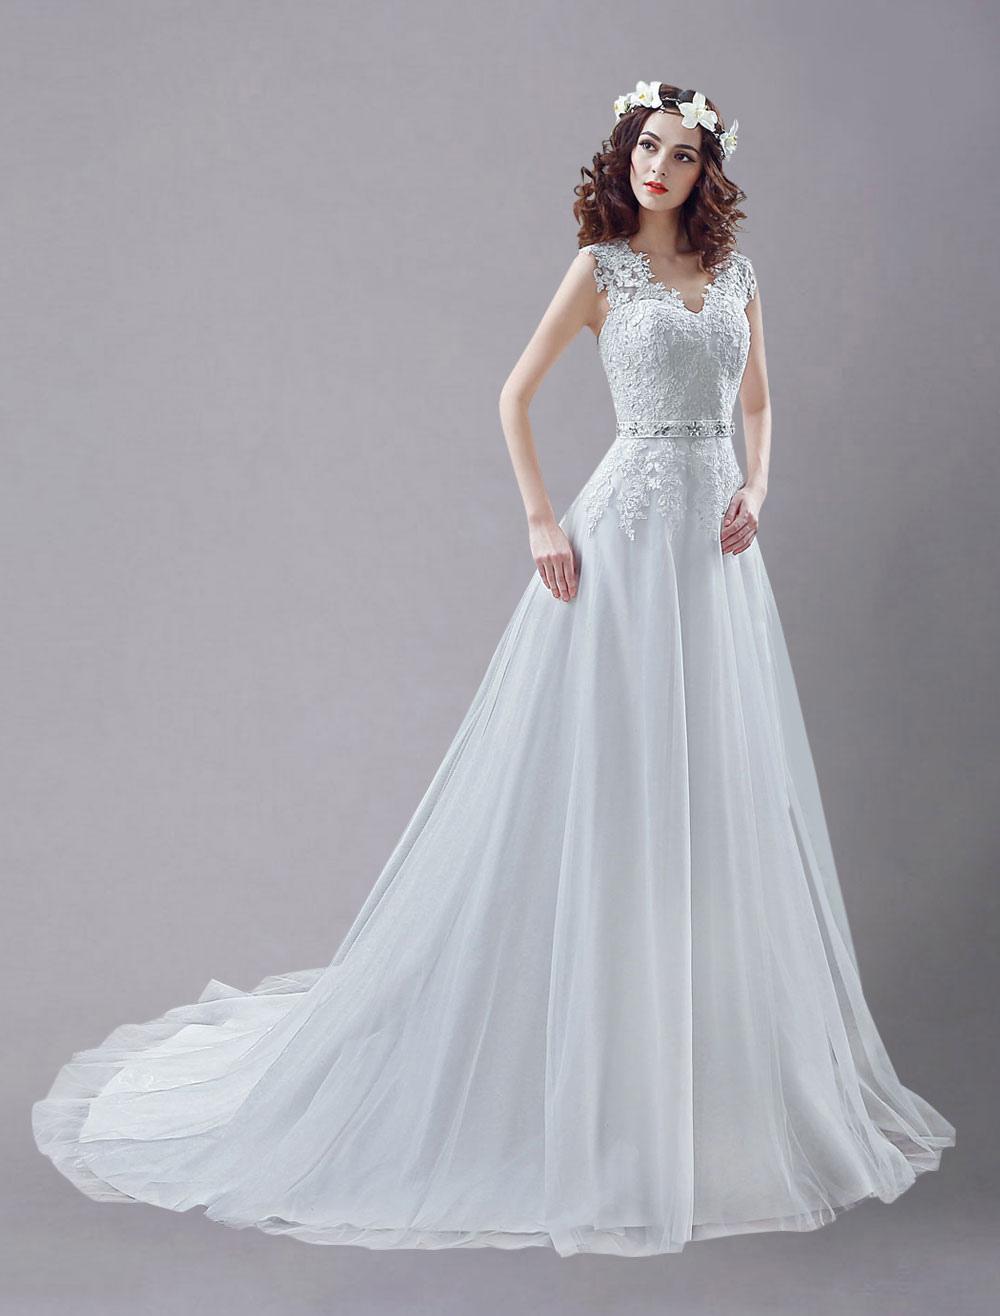 Blanco vestido de novia de tul con cuello en V y bordado - Milanoo.com